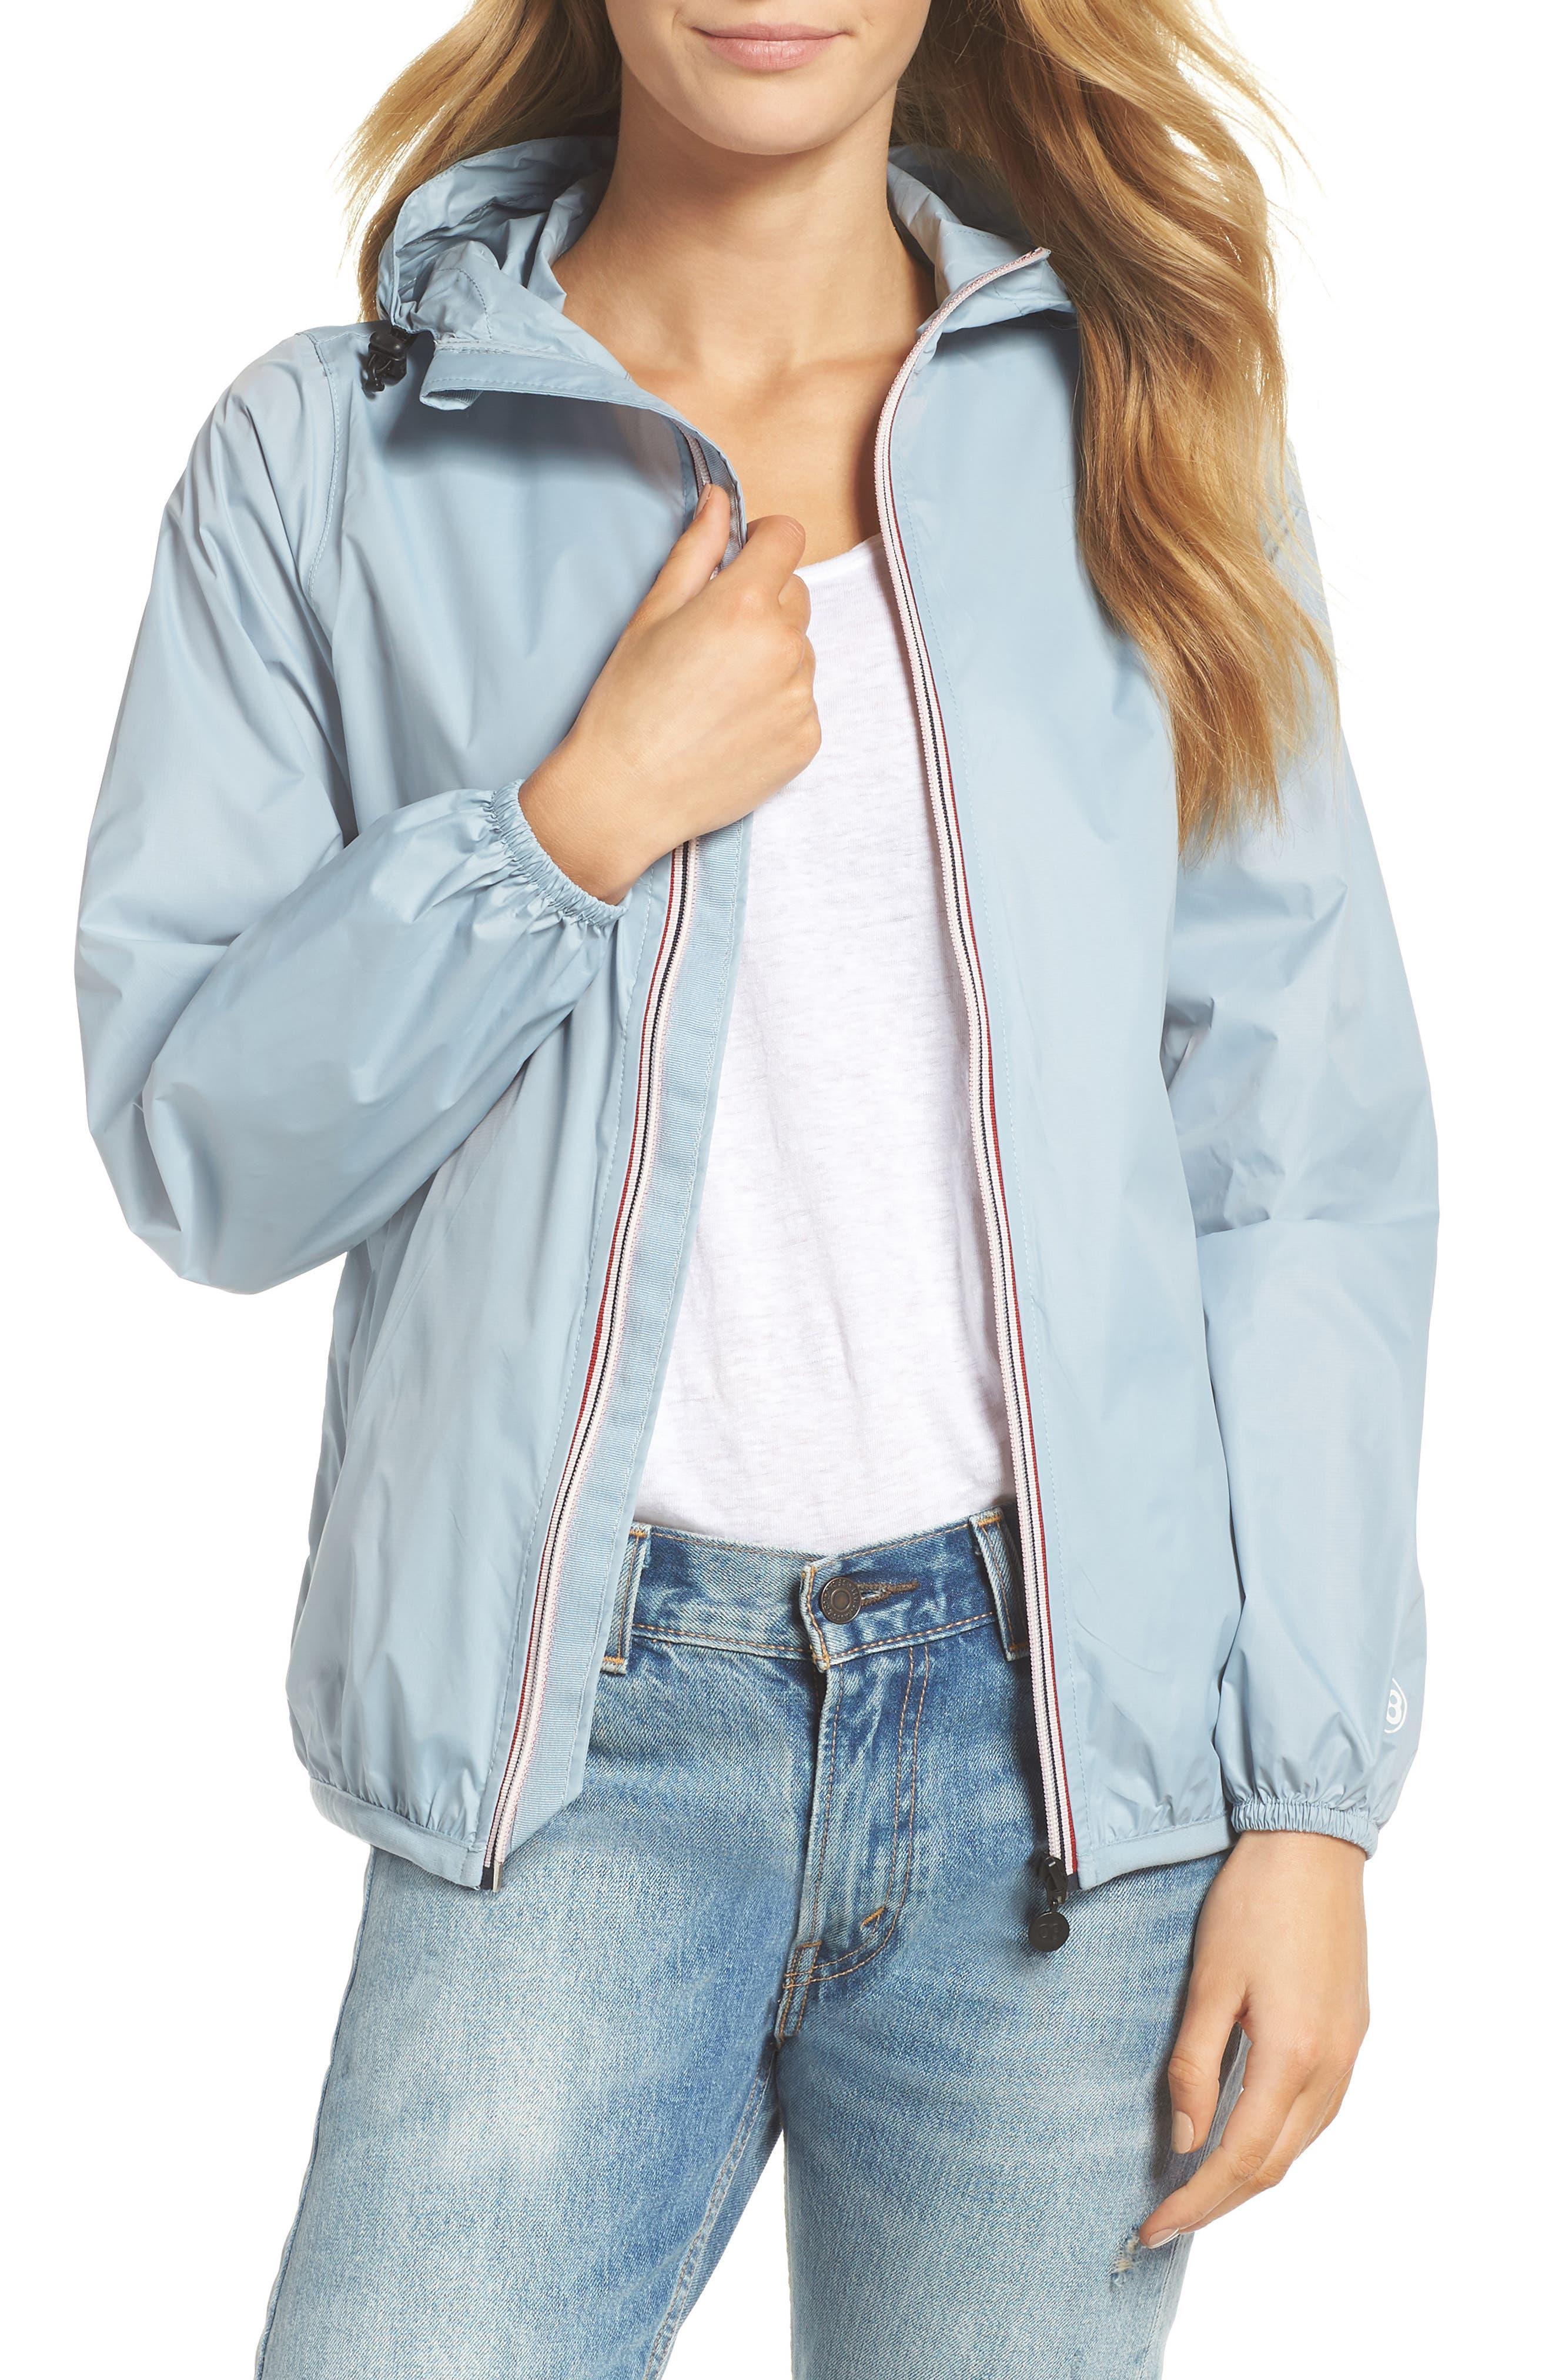 Packable Rain Jacket,                             Main thumbnail 1, color,                             CELESTIAL BLUE